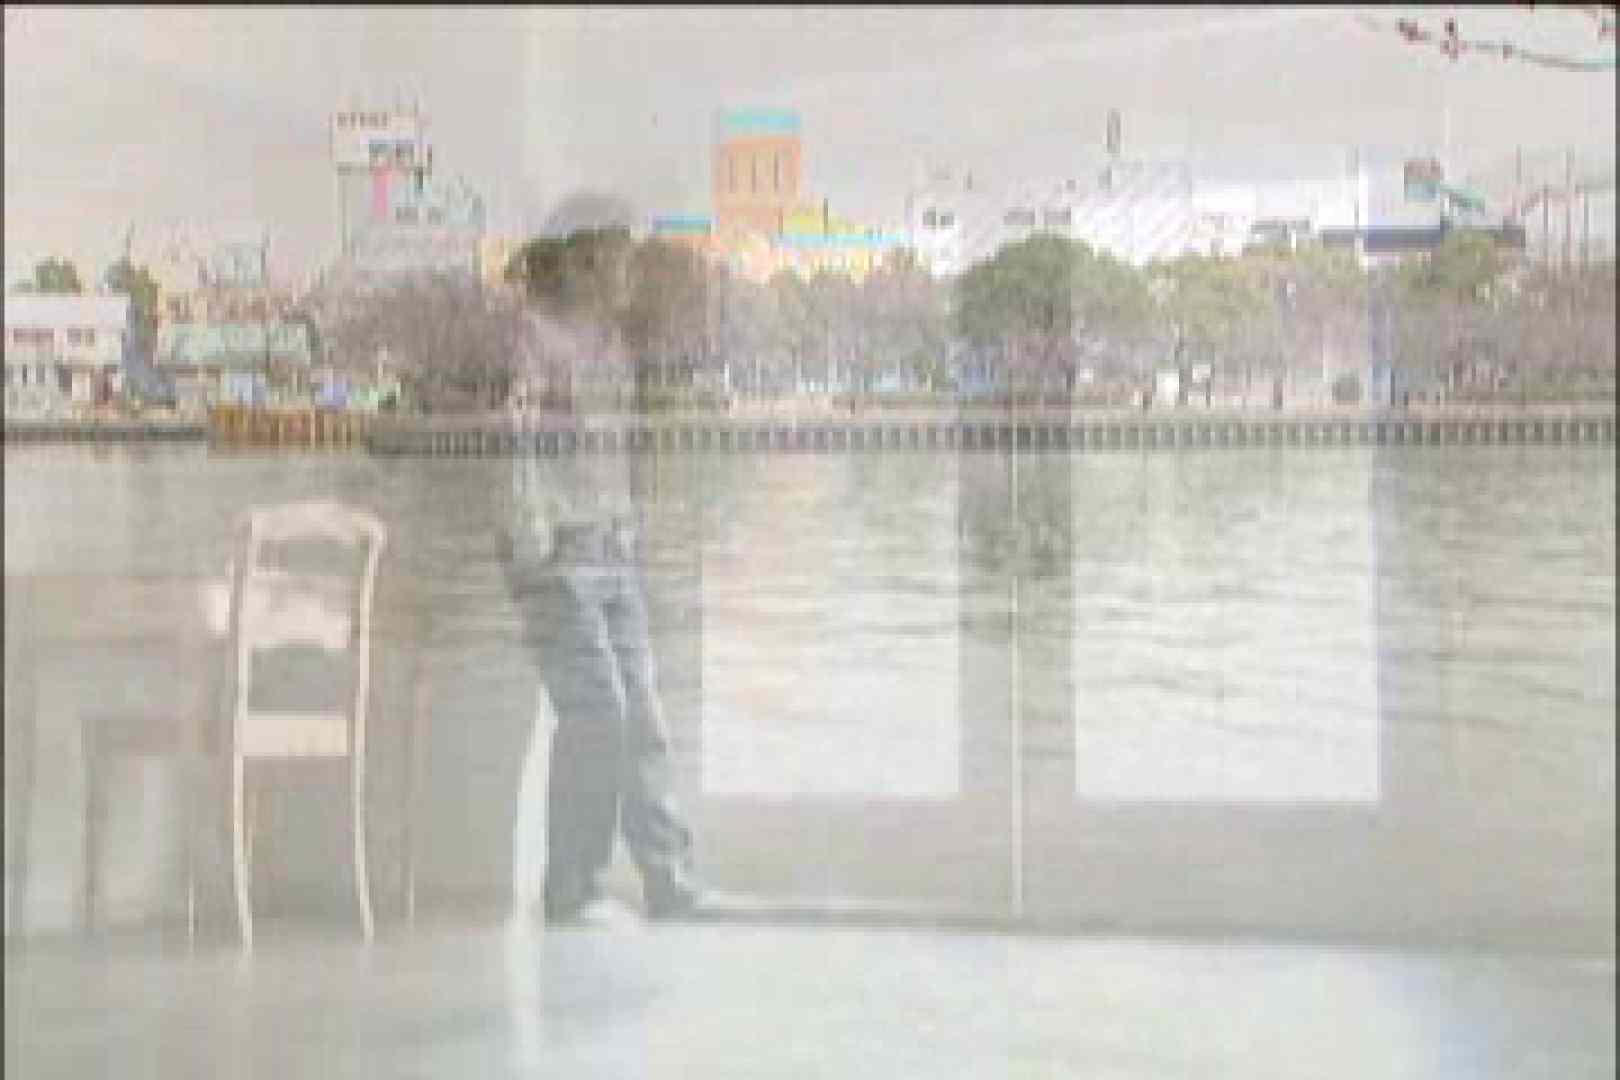 イケメン☆パラダイス〜男ざかりの君たちへ〜vol.17 アナルで大興奮 | フェラ天国  89枚 26